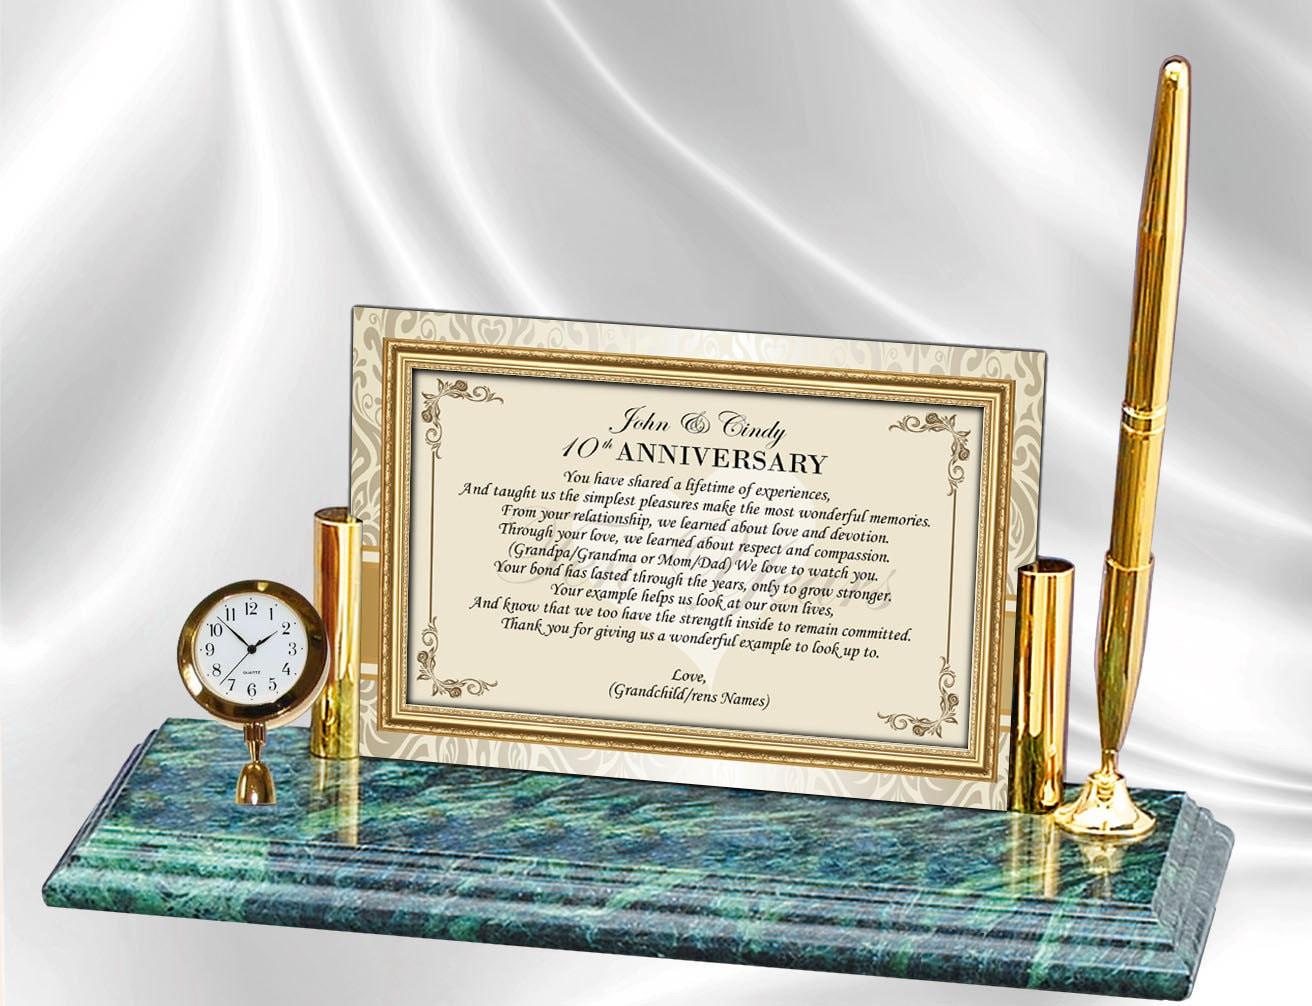 Eltern die Hochzeit Jahrestag Poesie Mini Uhr echtem Marmor | Etsy